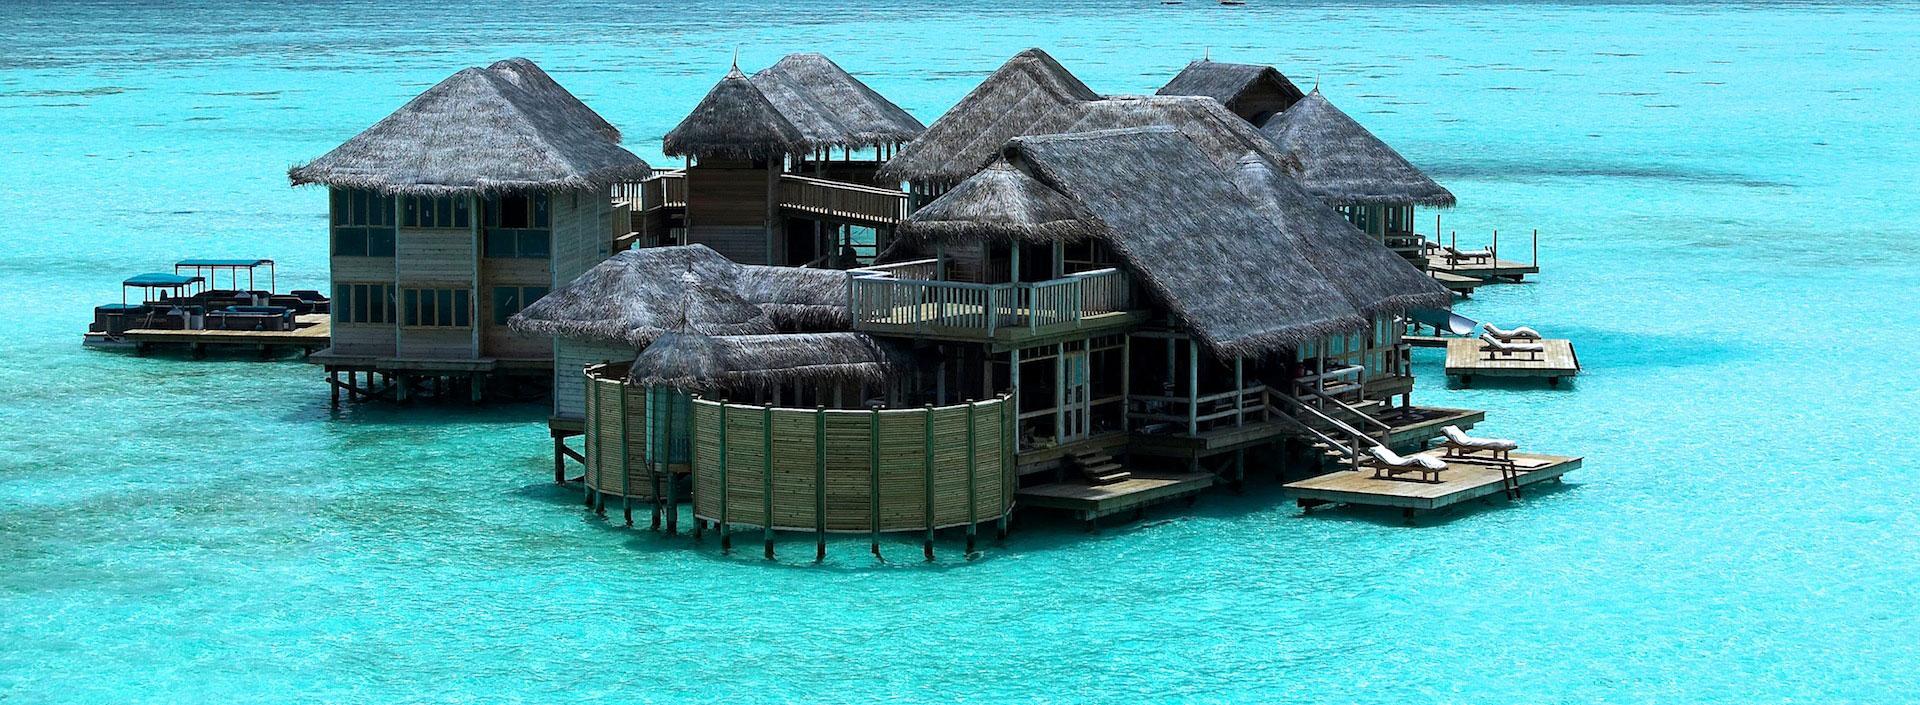 paraíso existe en mitad del océano índico